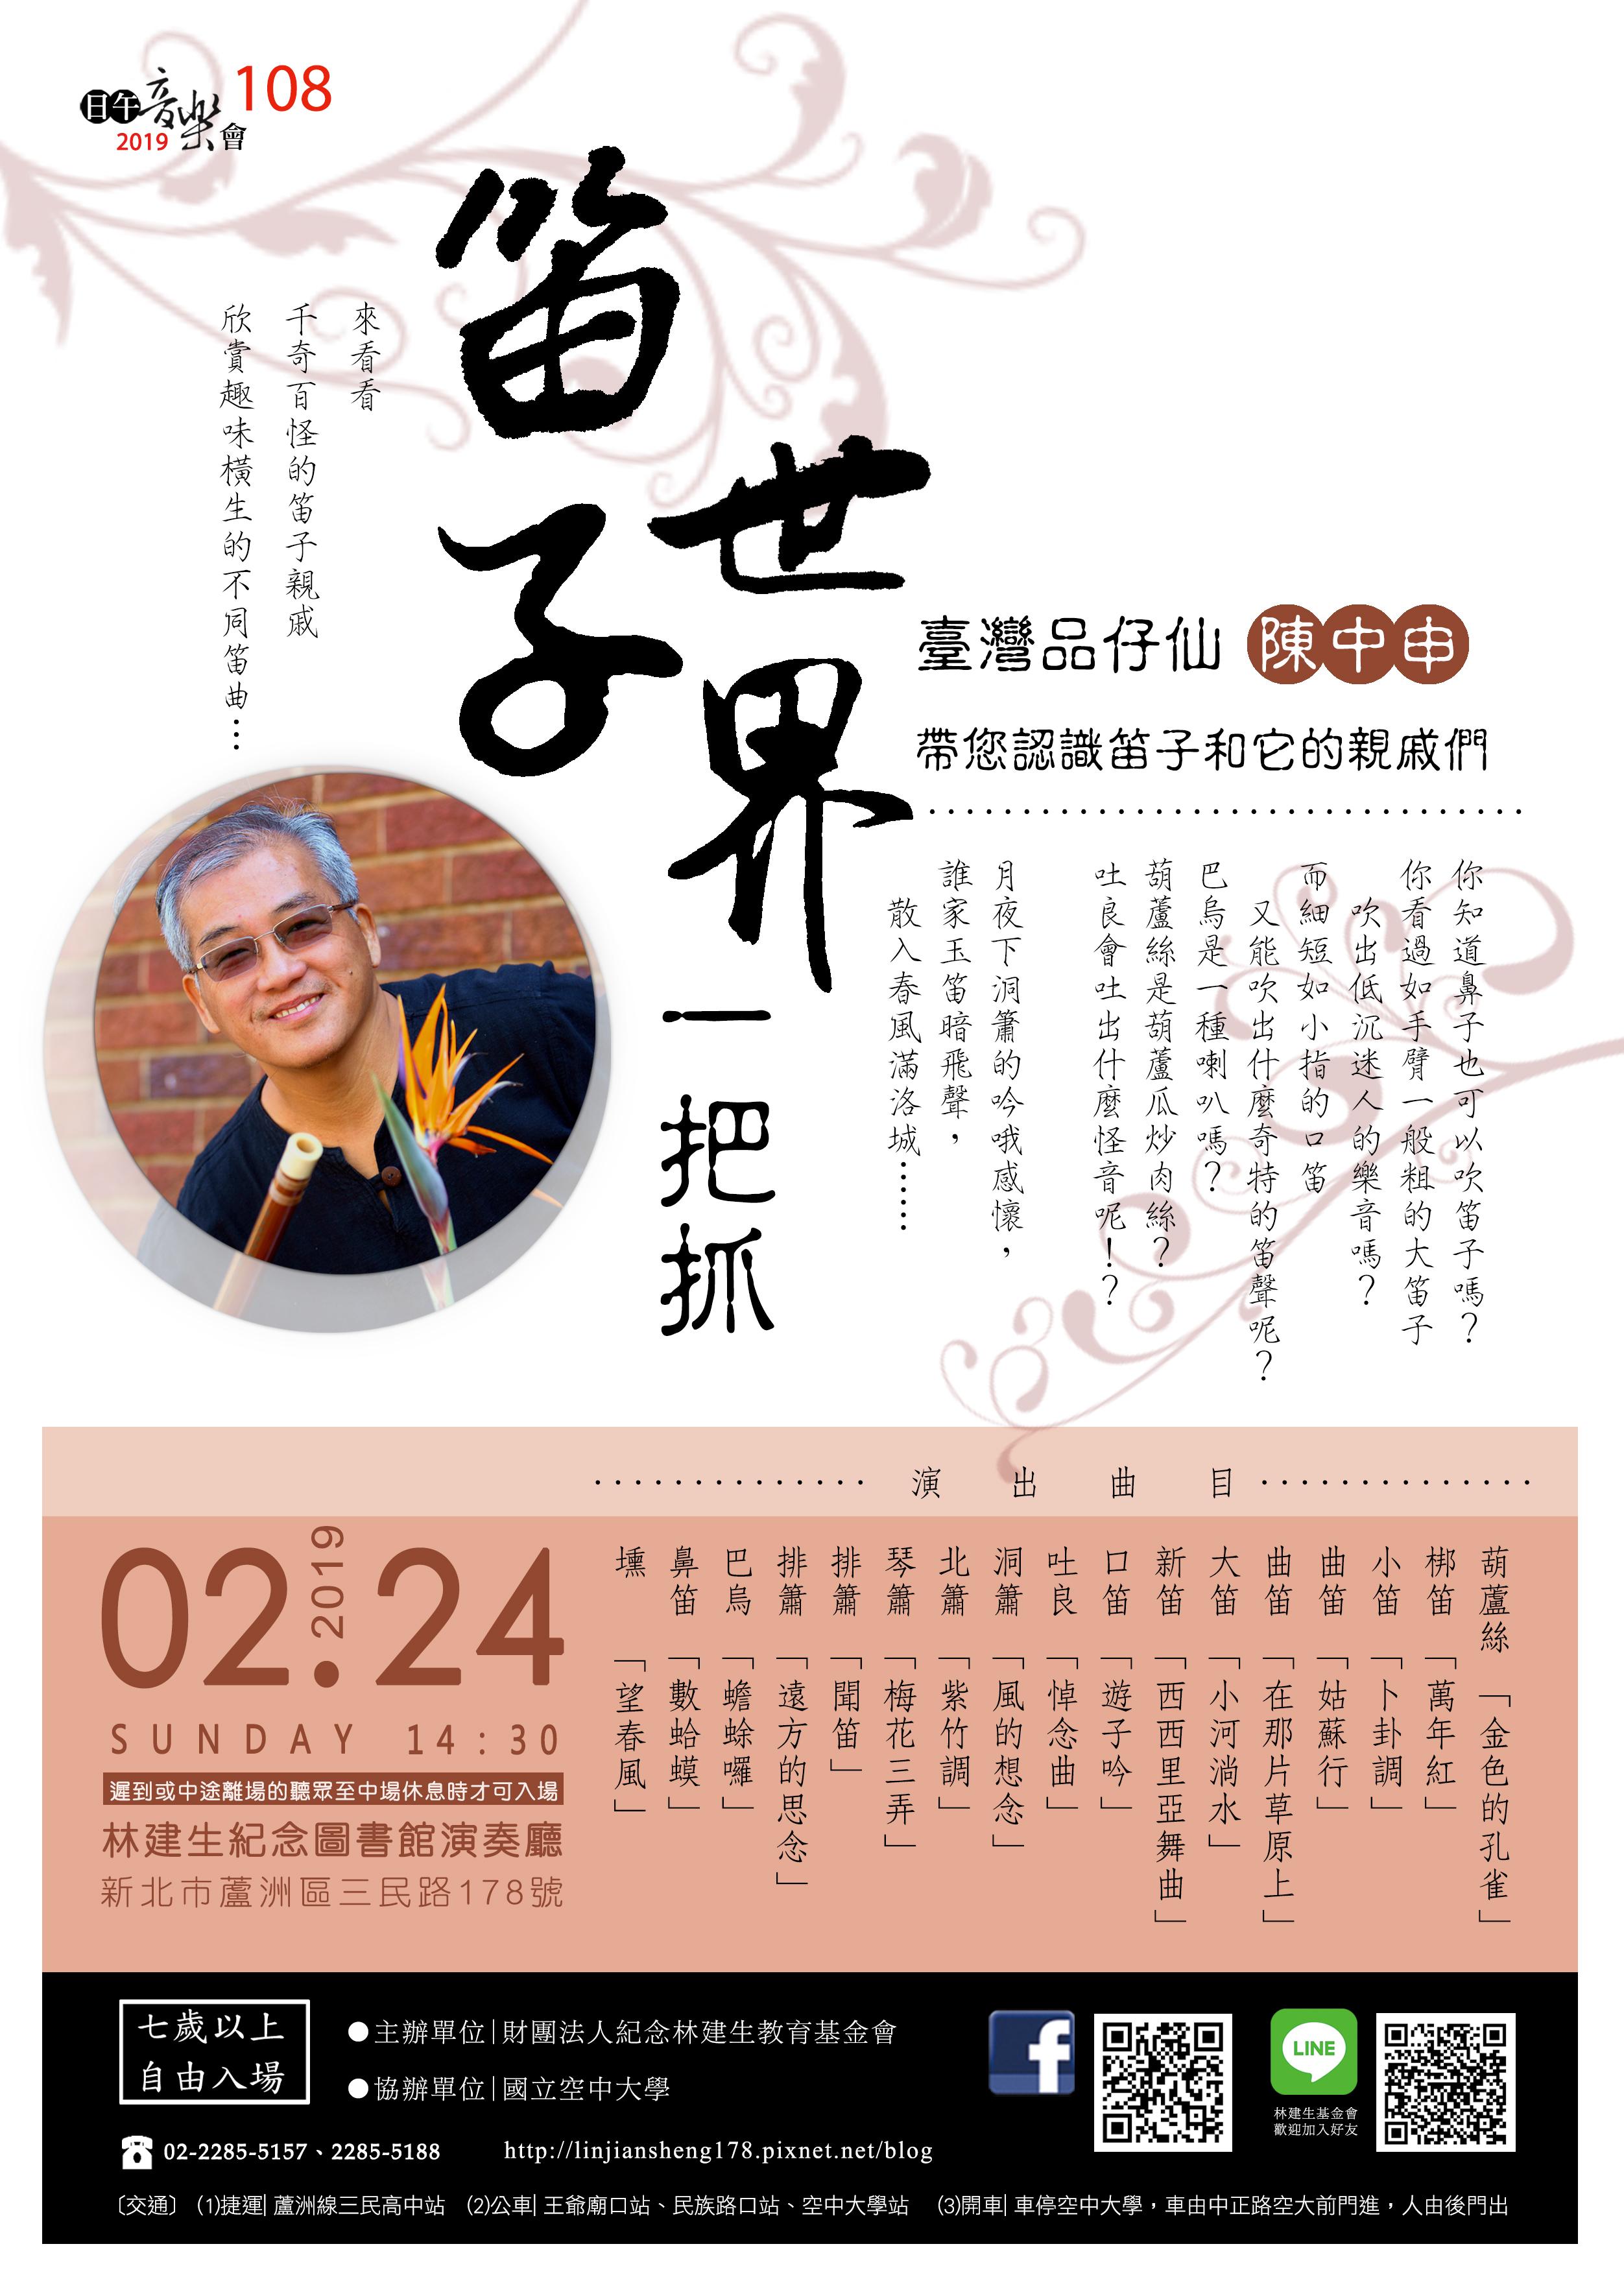 笛子世界一把抓~臺灣品仔仙帶您認識笛子和它的親戚們